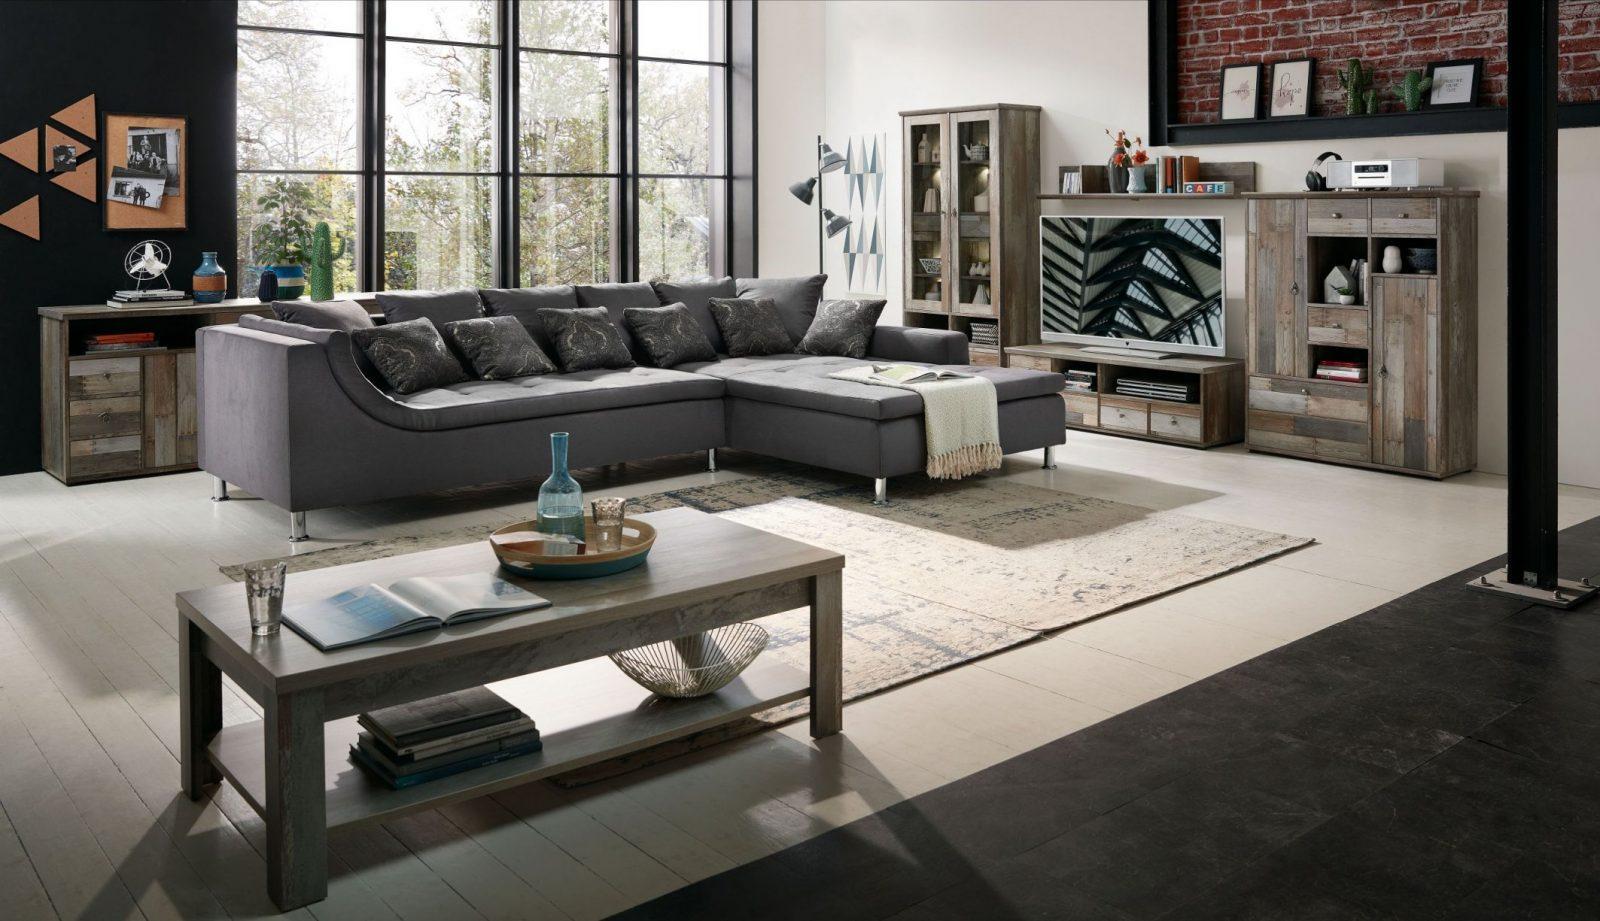 Wohnen  Möbel Für Ihr Zuhause  Möbel As von Möbel As Pirmasens Öffnungszeiten Bild